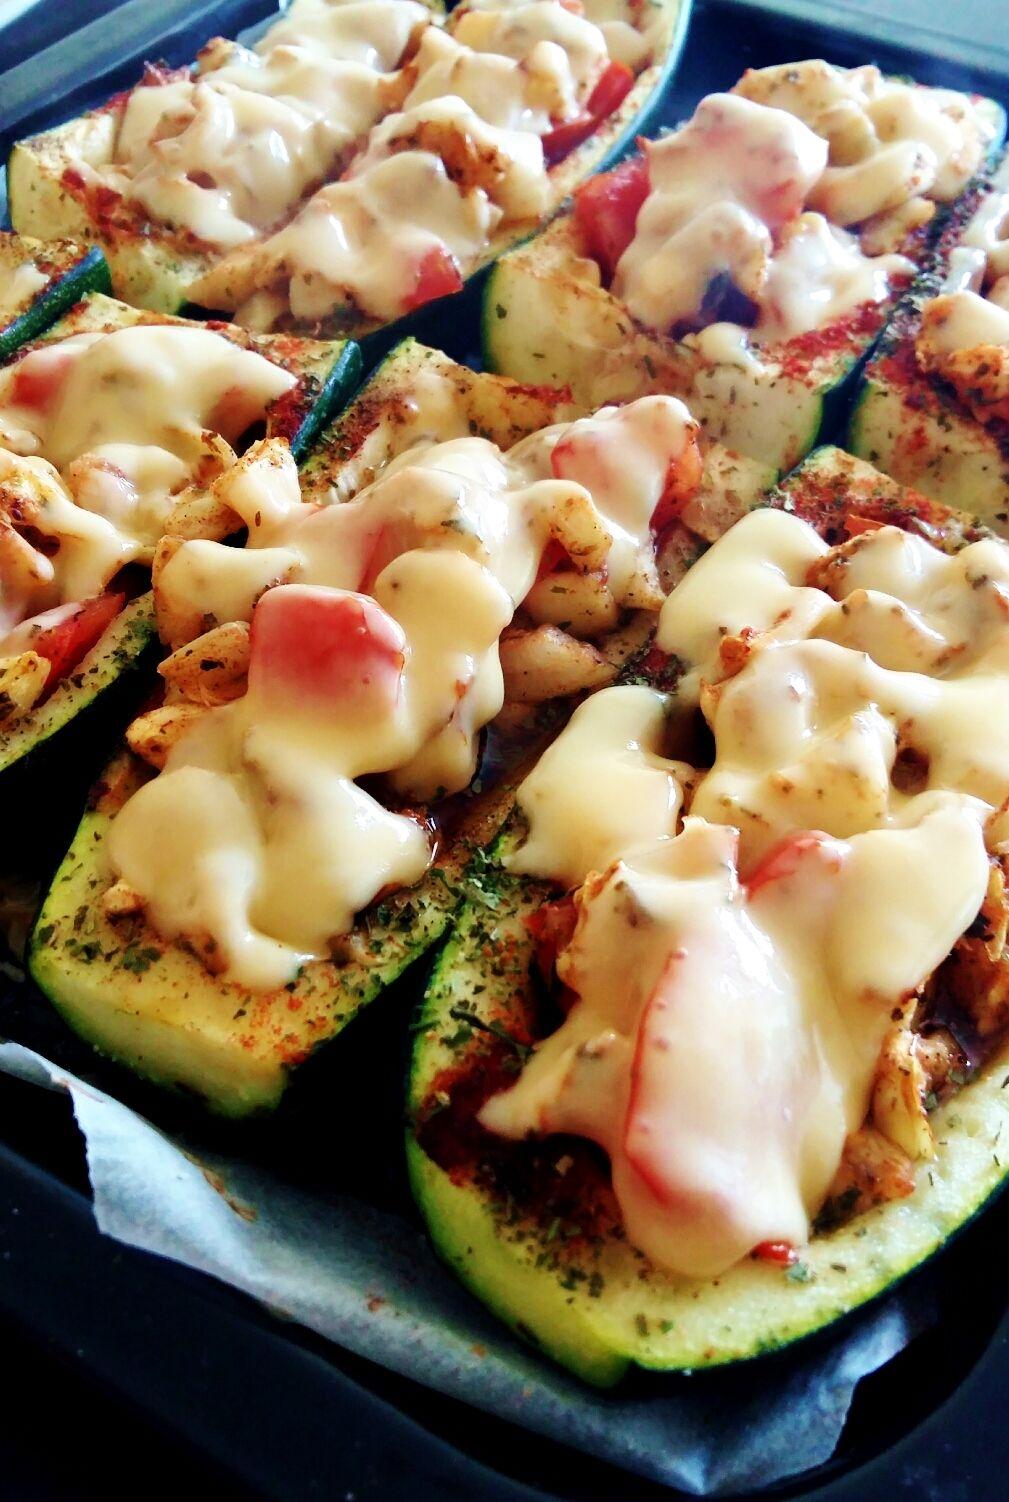 Prosty przepis na zdrowe lekkie, wegetariańskie danie z cukinii. Przekąska, kolacja, starter przed daniem głównym - wiele możliwości podania. ;-)